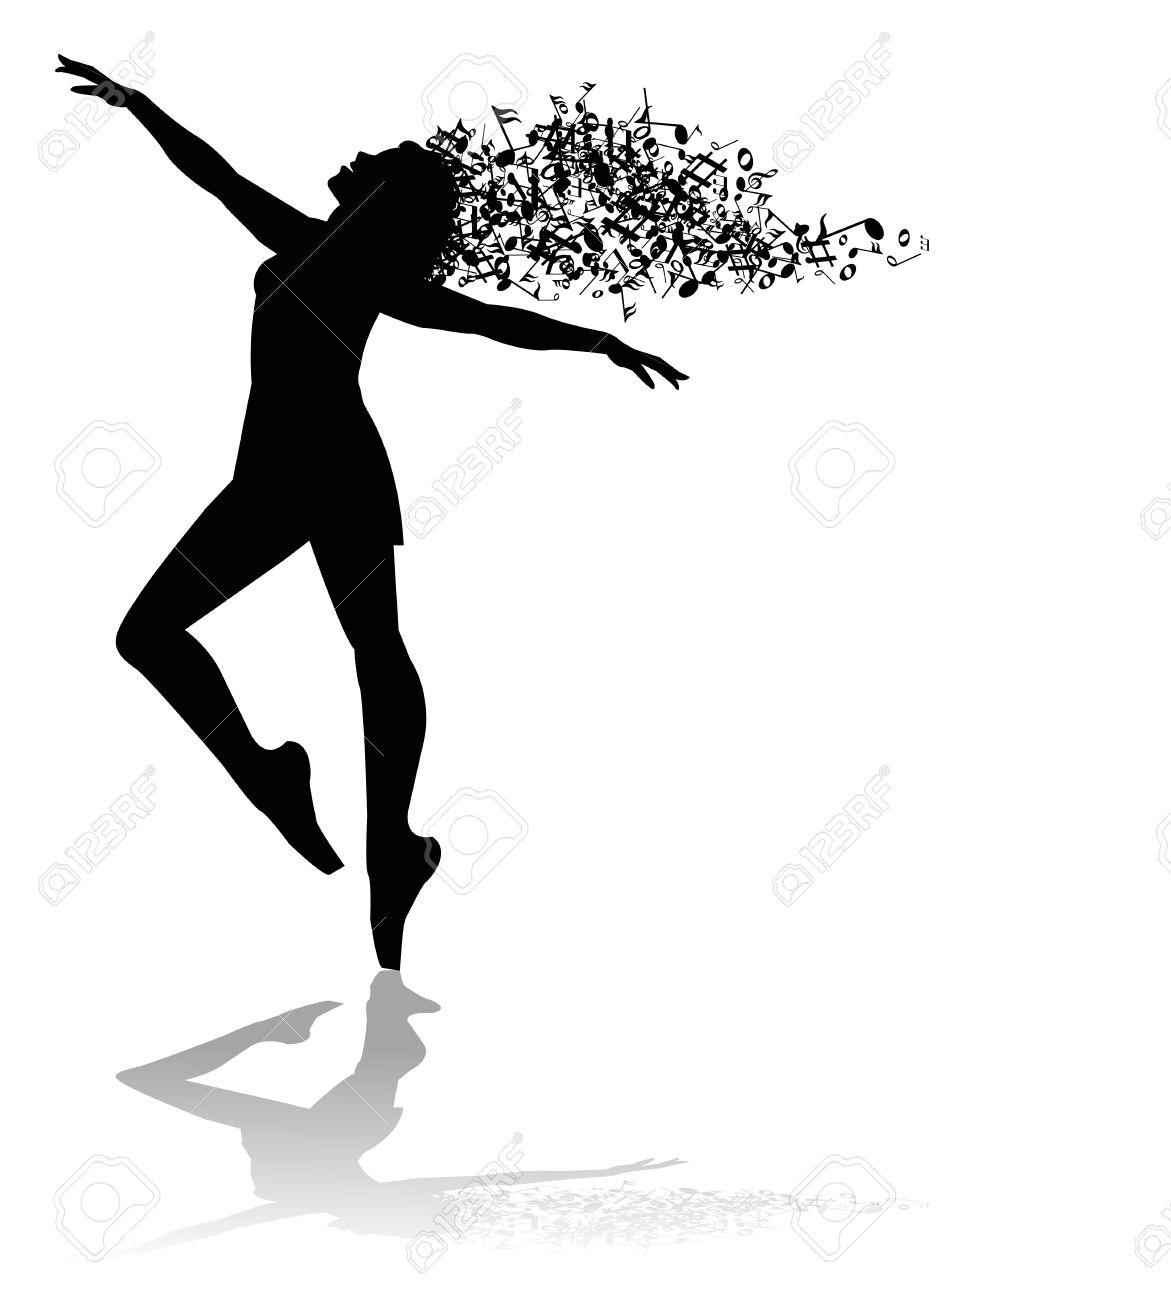 silueta de bailarín y las notas musicales ilustraciones vectoriales